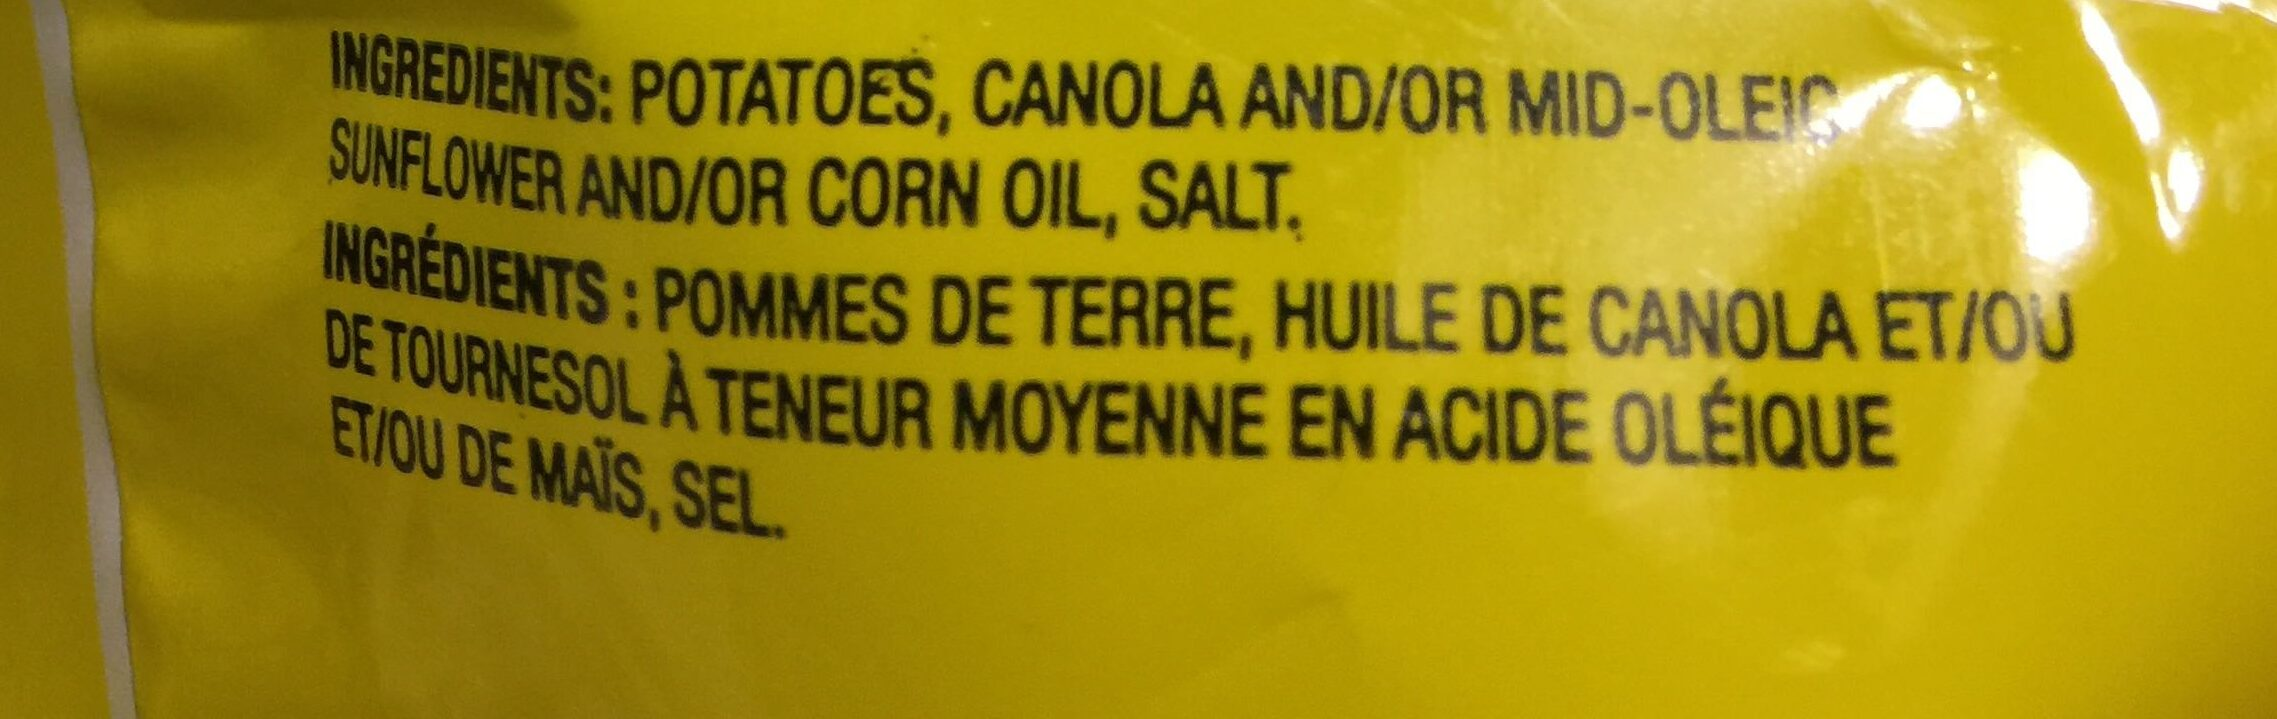 Croustilles ondulées nature - Ingrédients - fr